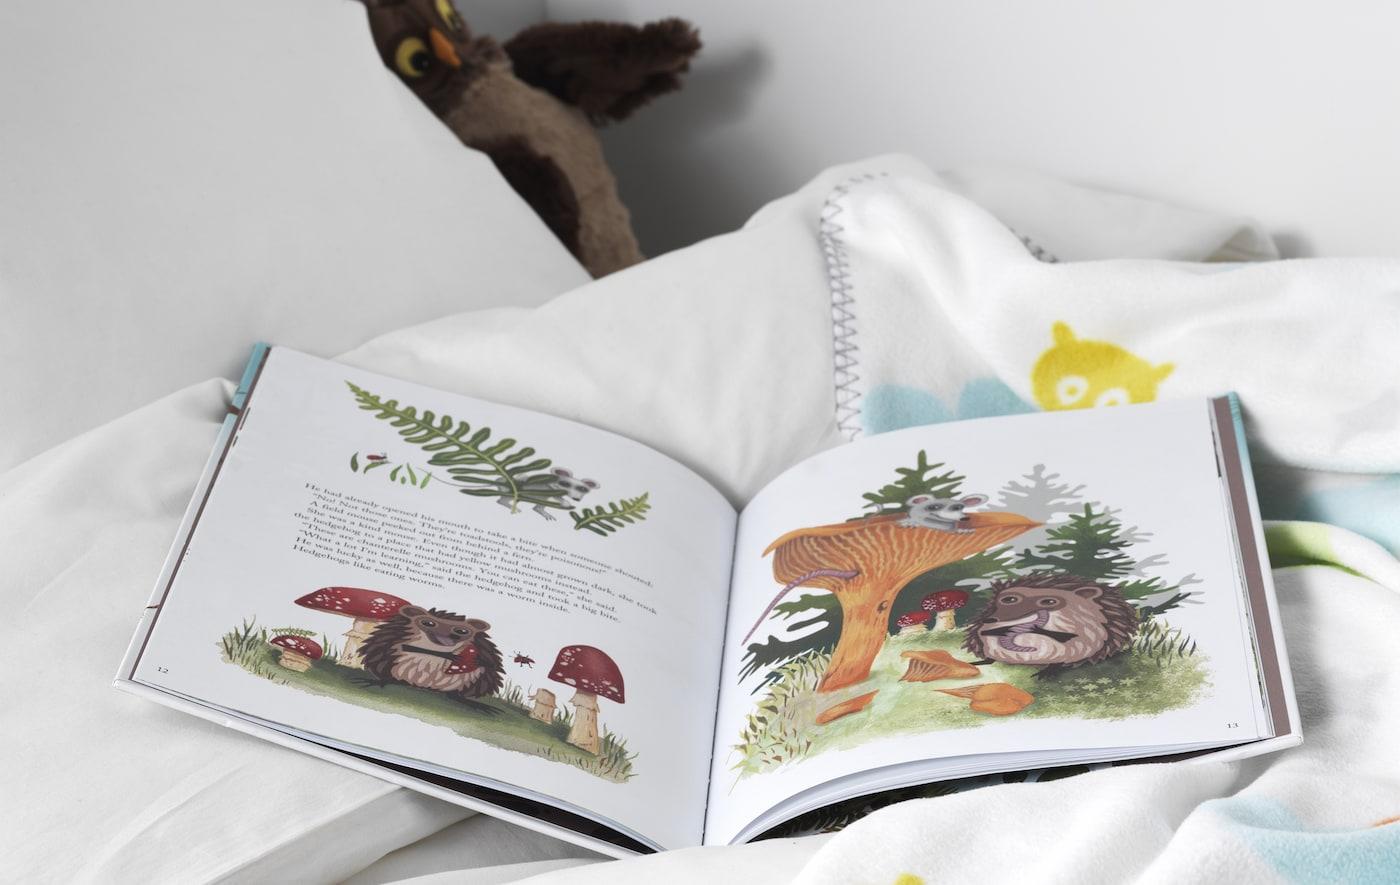 Livre pour enfant ouvert sur un lit.